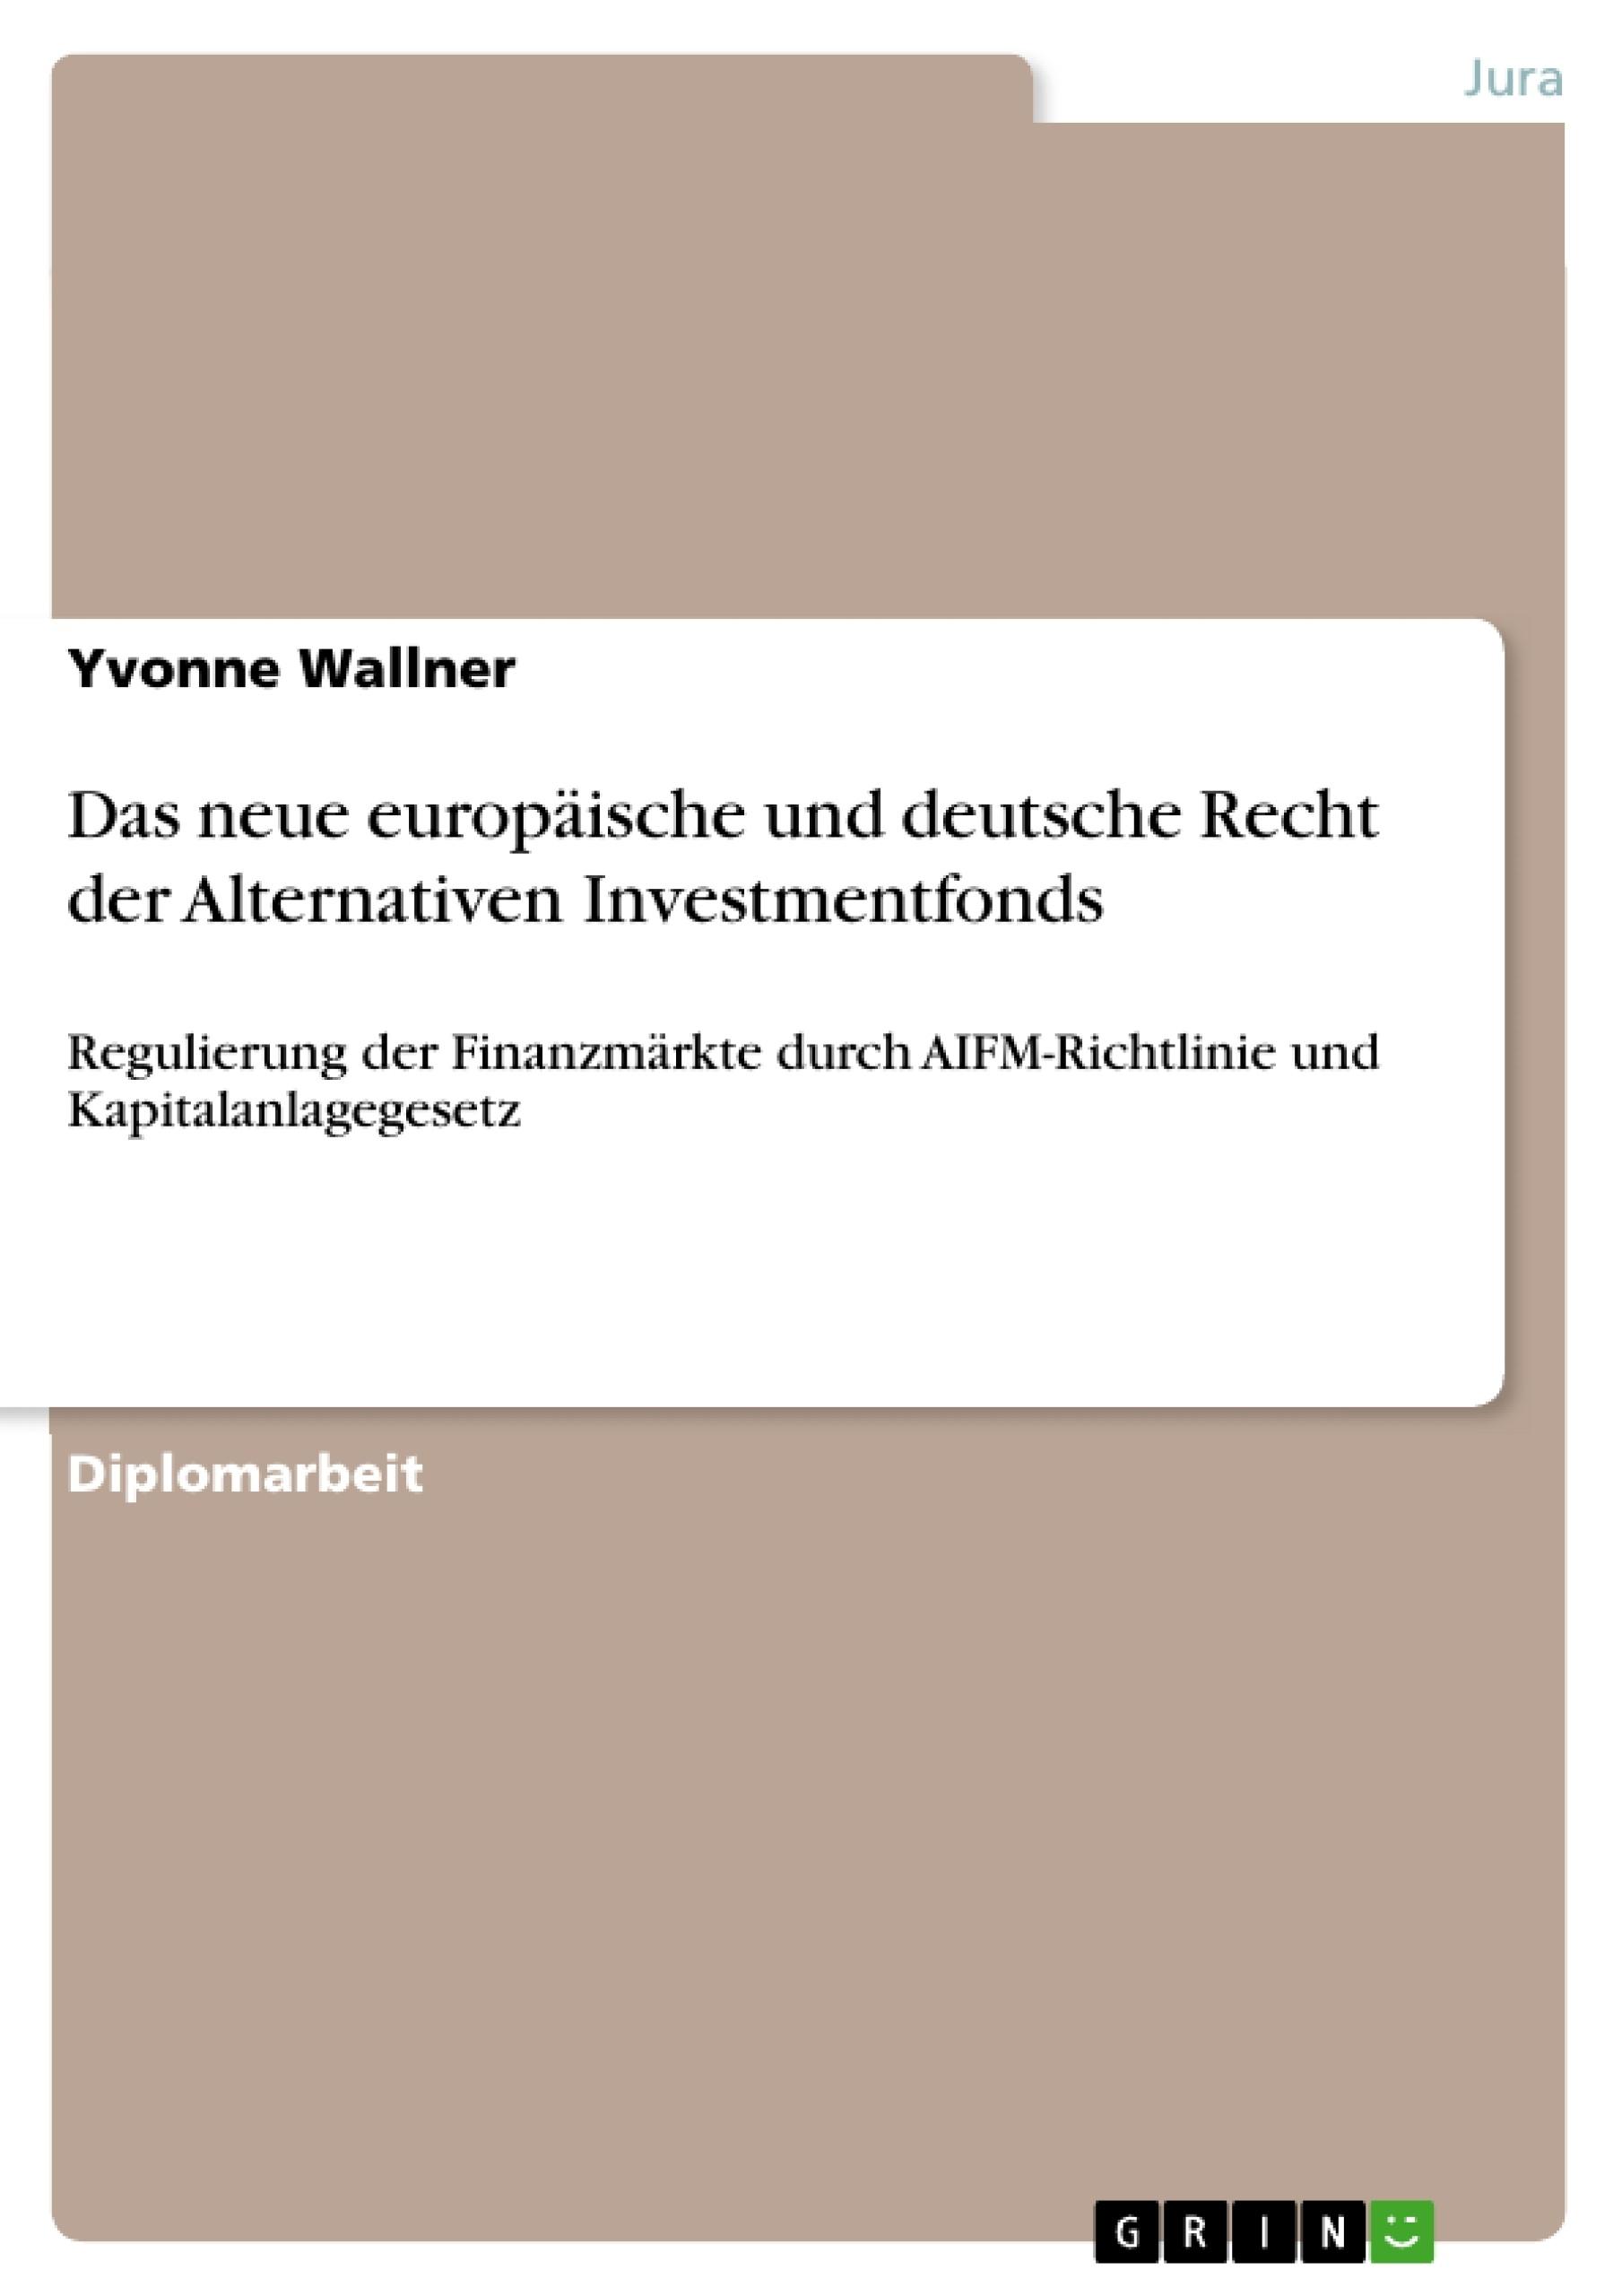 Titel: Das neue europäische und deutsche Recht der Alternativen Investmentfonds